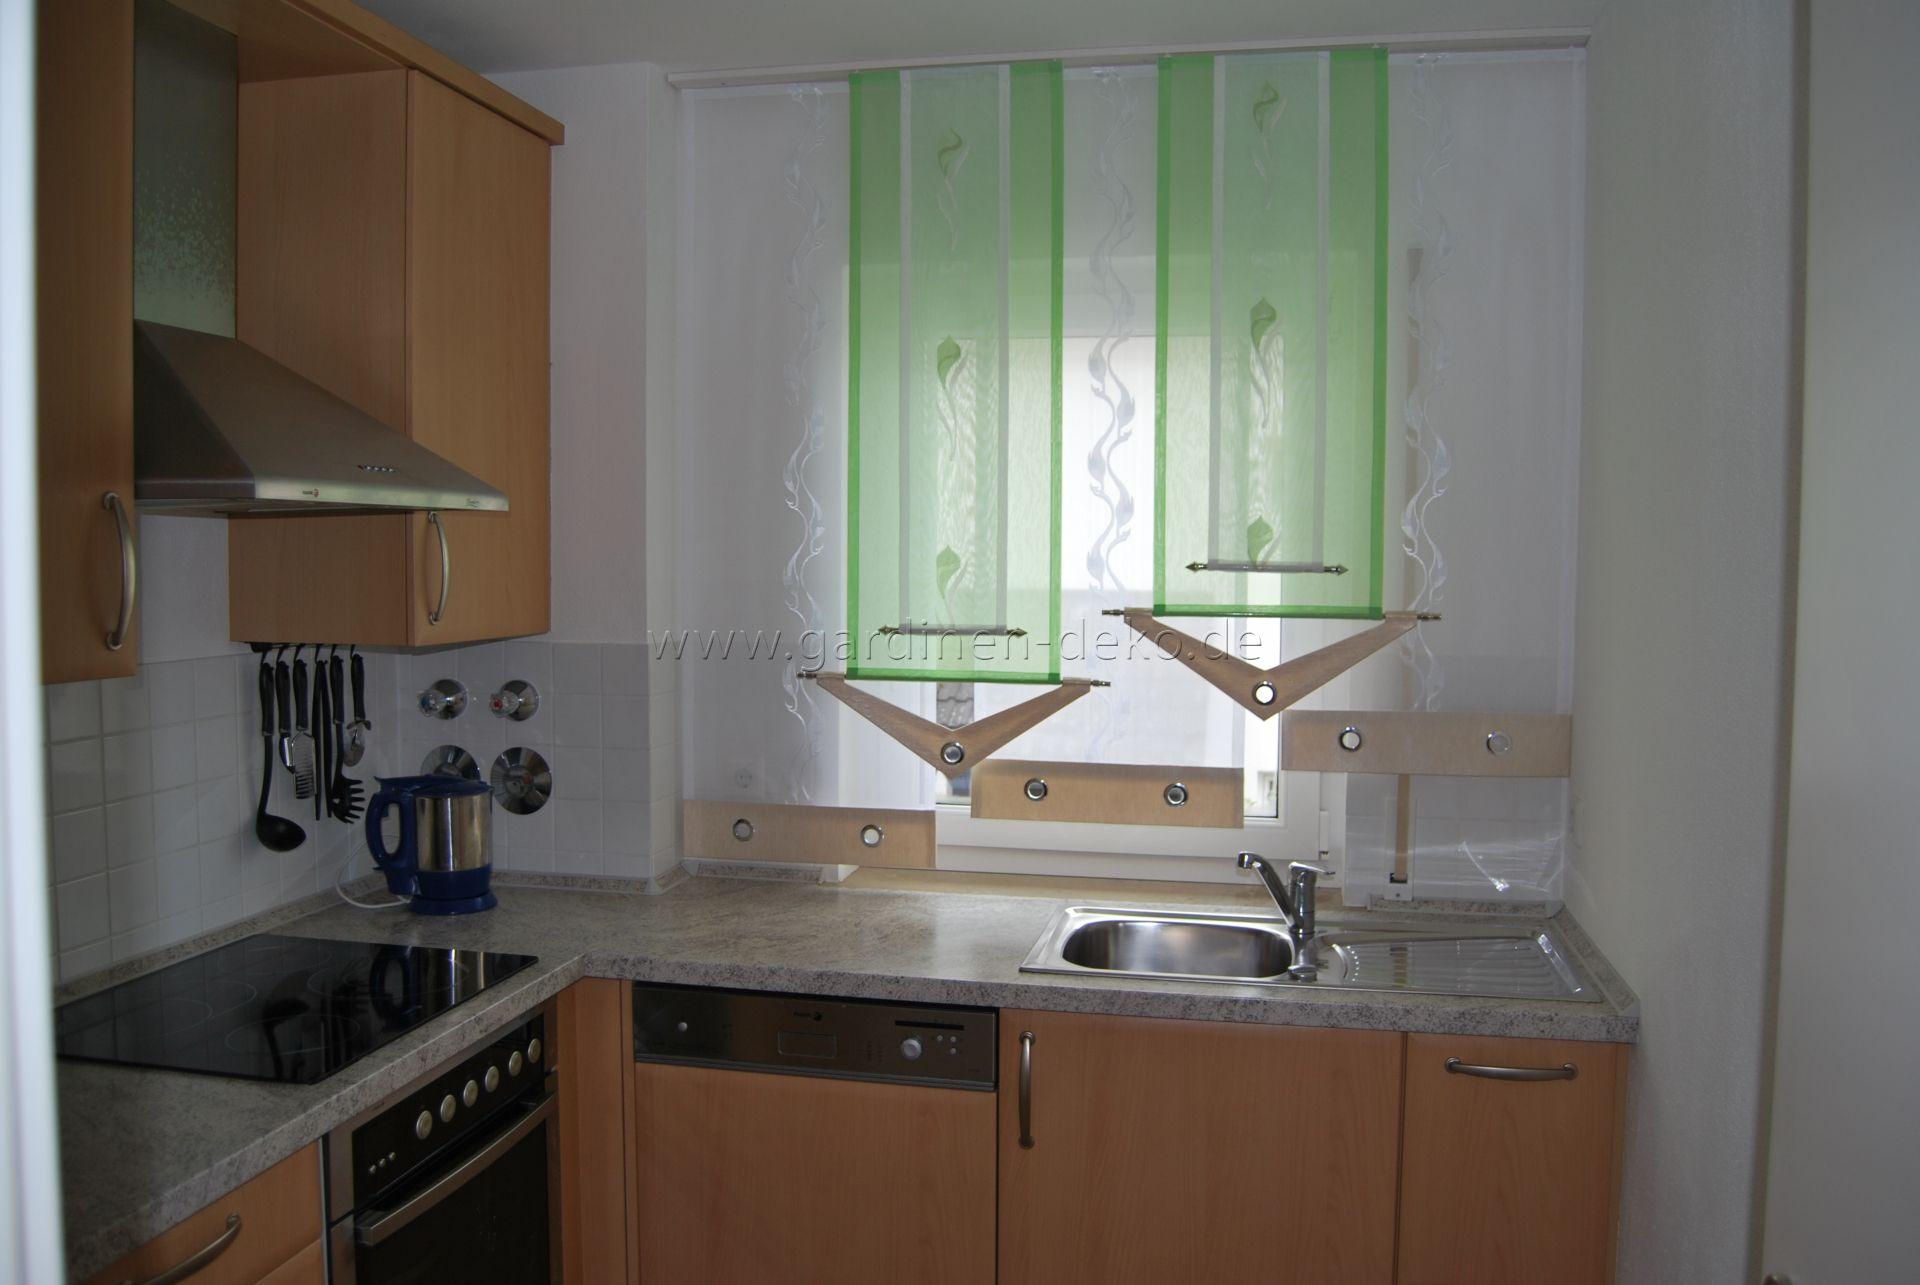 Heller Stufenvorhang Für Die Küche In Grün Und Weiß Http